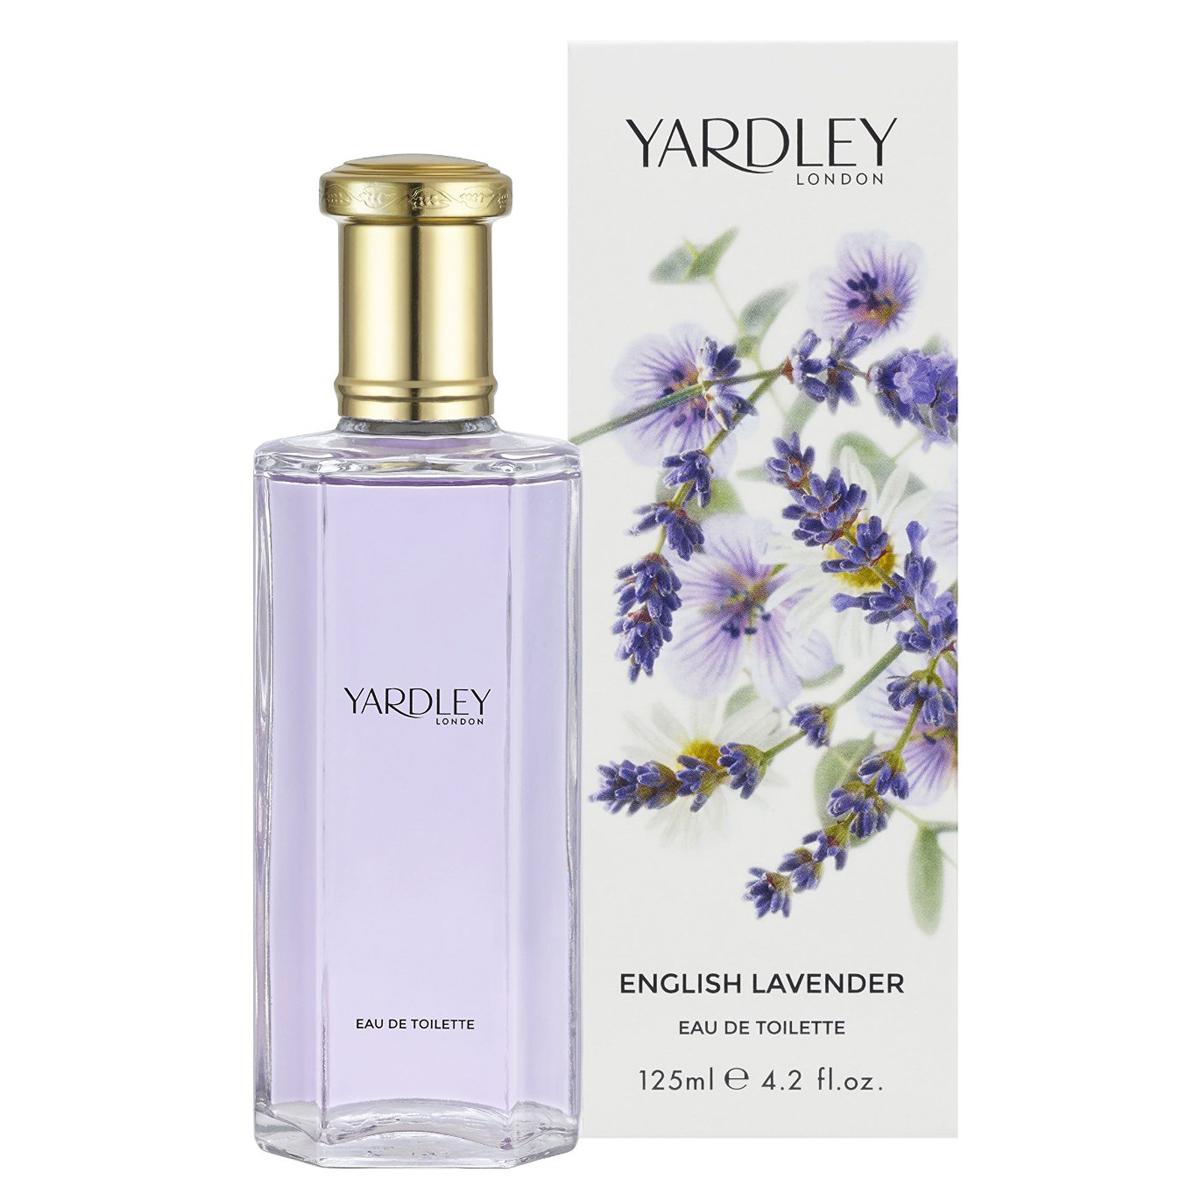 Yardley - English Lavender - Eau de Toilette